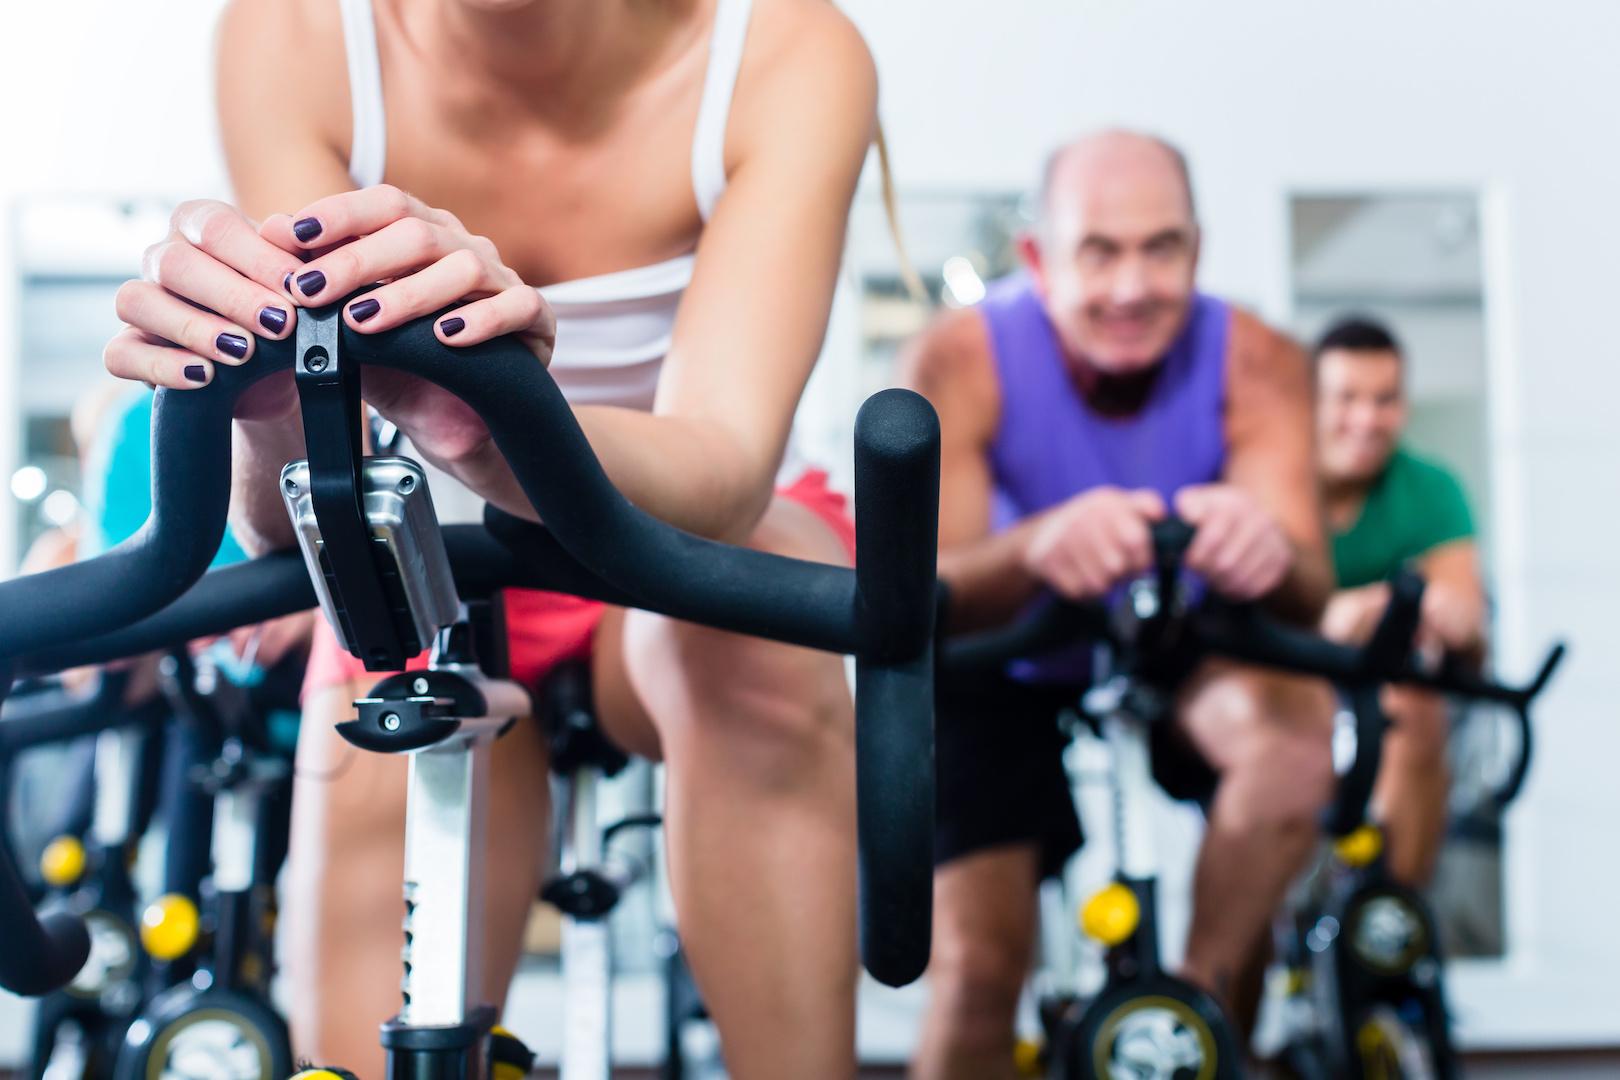 in Fitnesscentern, Turnhallen, Sportstätten – überall dort, wo Gerüche stören und eine Leistungssteigerung willkommen ist. Damit sich die Sportler wohl fühlen, gerne zu Gast sind und wiederkommen.